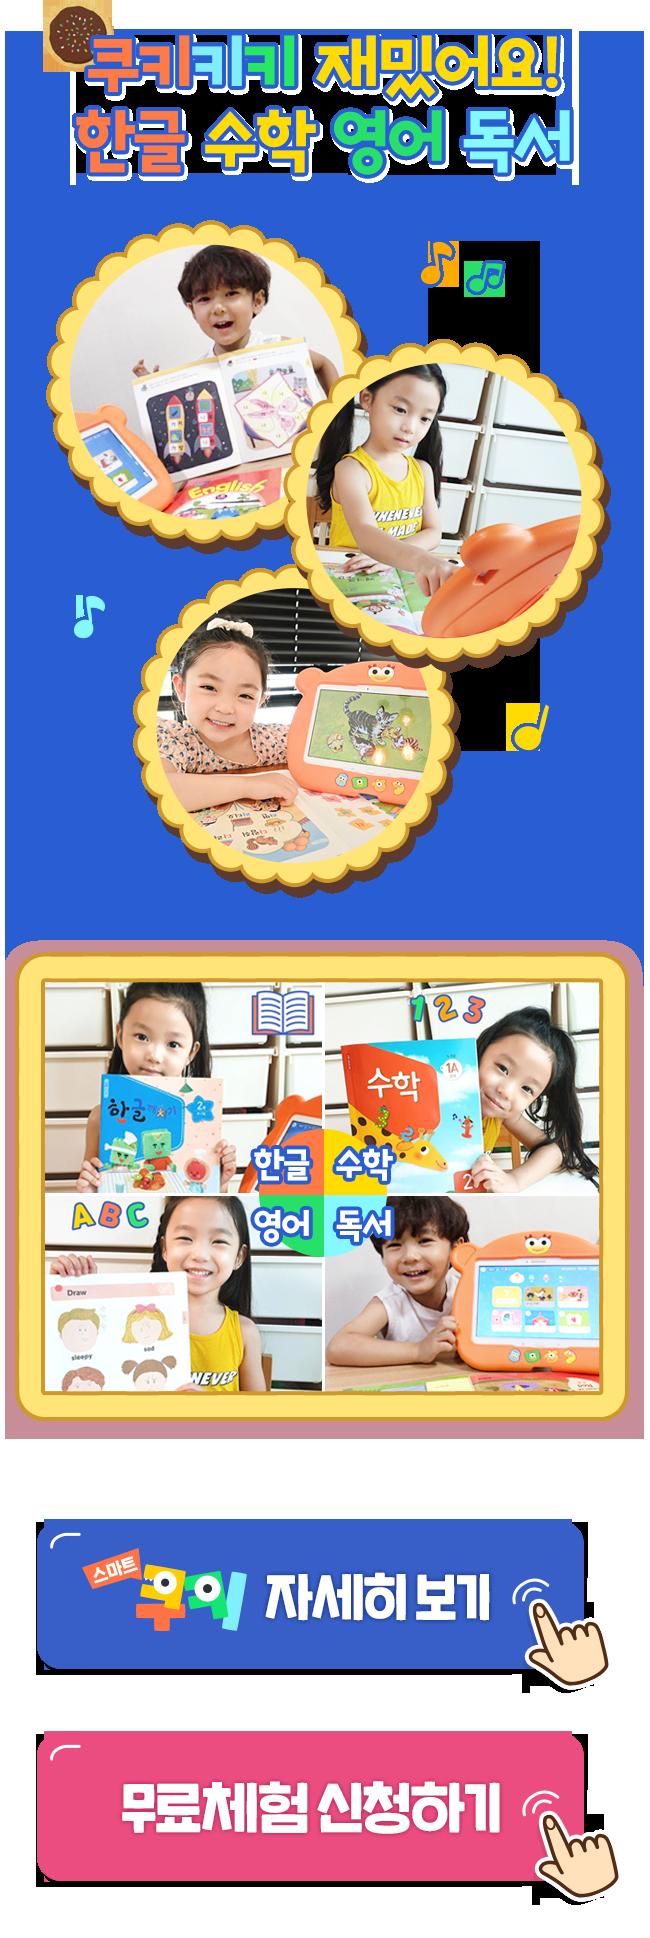 쿠키키키 재밌어요! 한글 수학 영어 독서